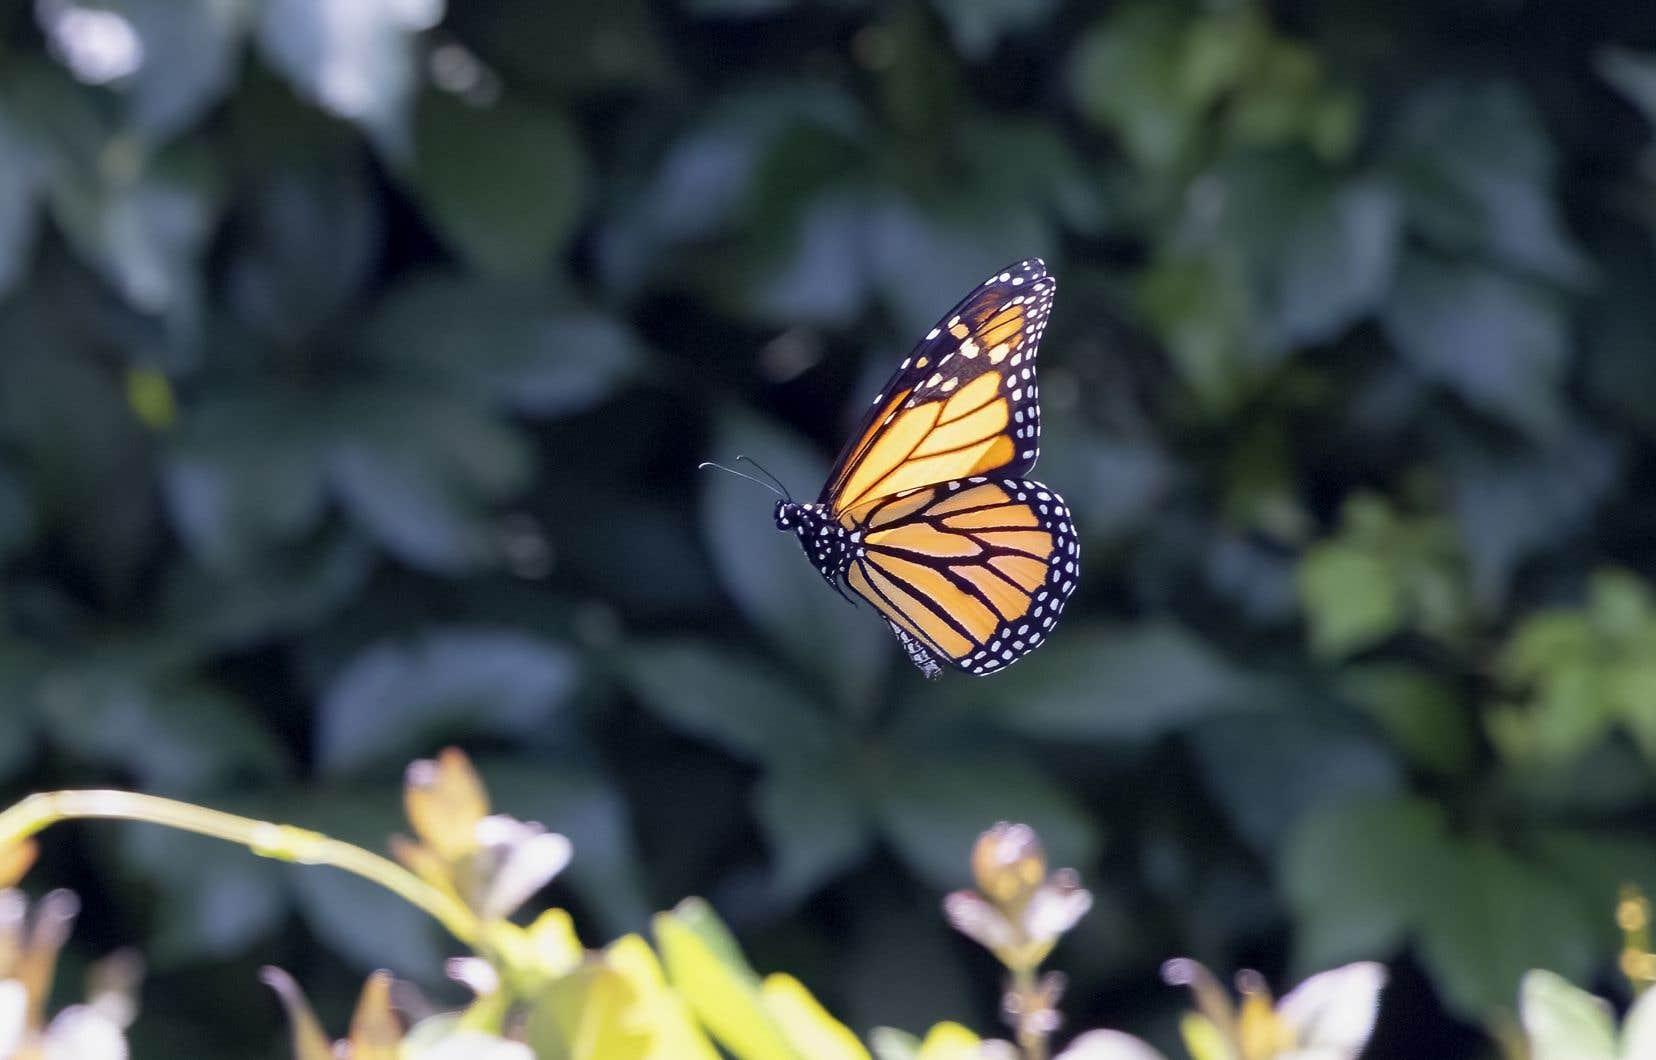 Depuis le printemps, Roger Giraldeau patrouille les abords des routes, les terrains des centres commerciaux, les parcs industriels et les chantiers de construction dans Boucherville. Il tente de repérer les plants d'asclépiades, la seule nourriture des chenilles et des monarques, pour sauver les chenilles et les œufs de ces papillons, avant le passage des tondeuses.